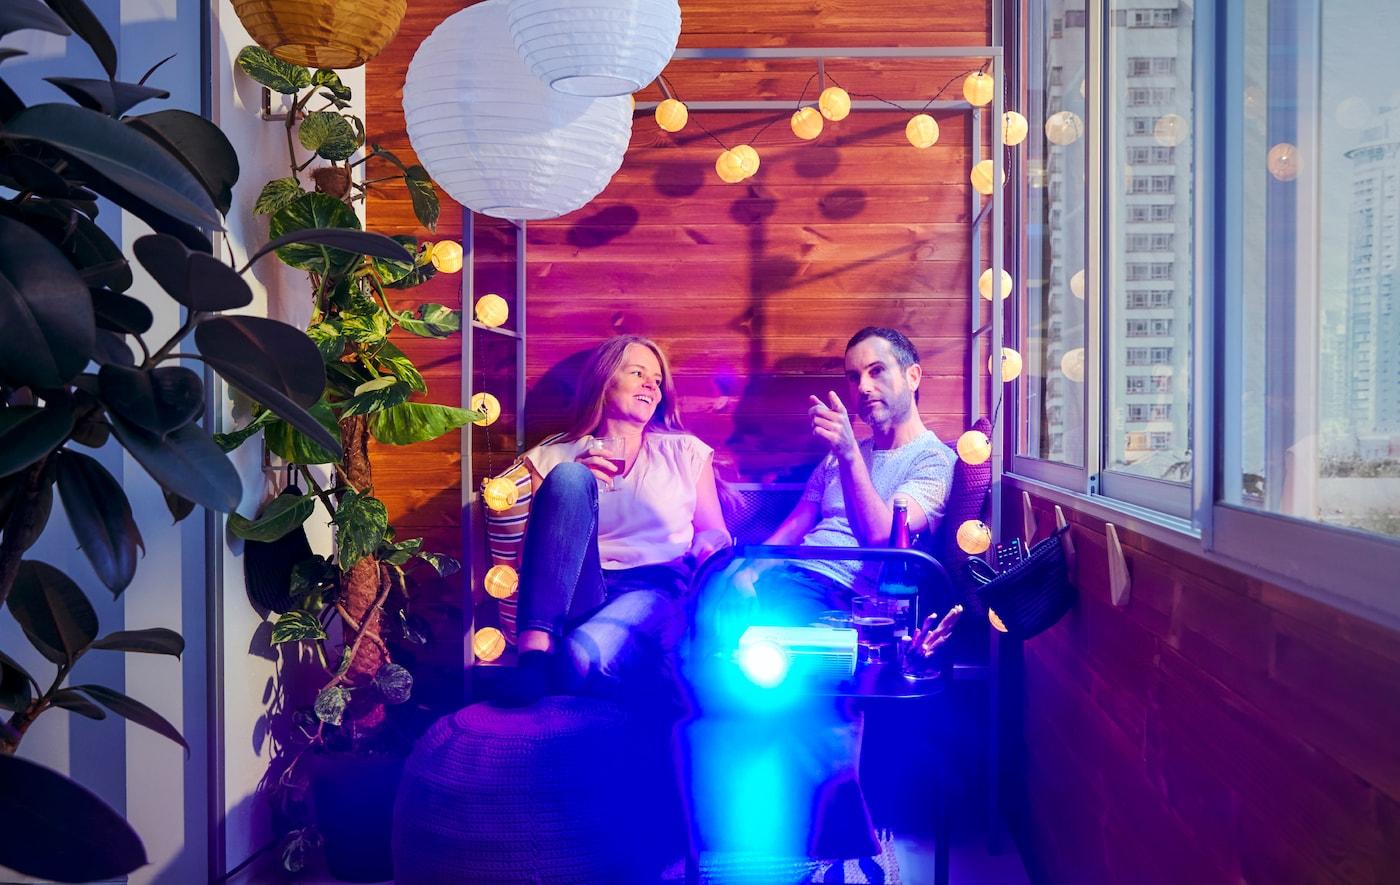 Eine Frau und ein Mann sitzen auf einer SVANÖ Bank auf dem mit Lichterkette geschmückten Balkon. Der Filmprojektor läuft.